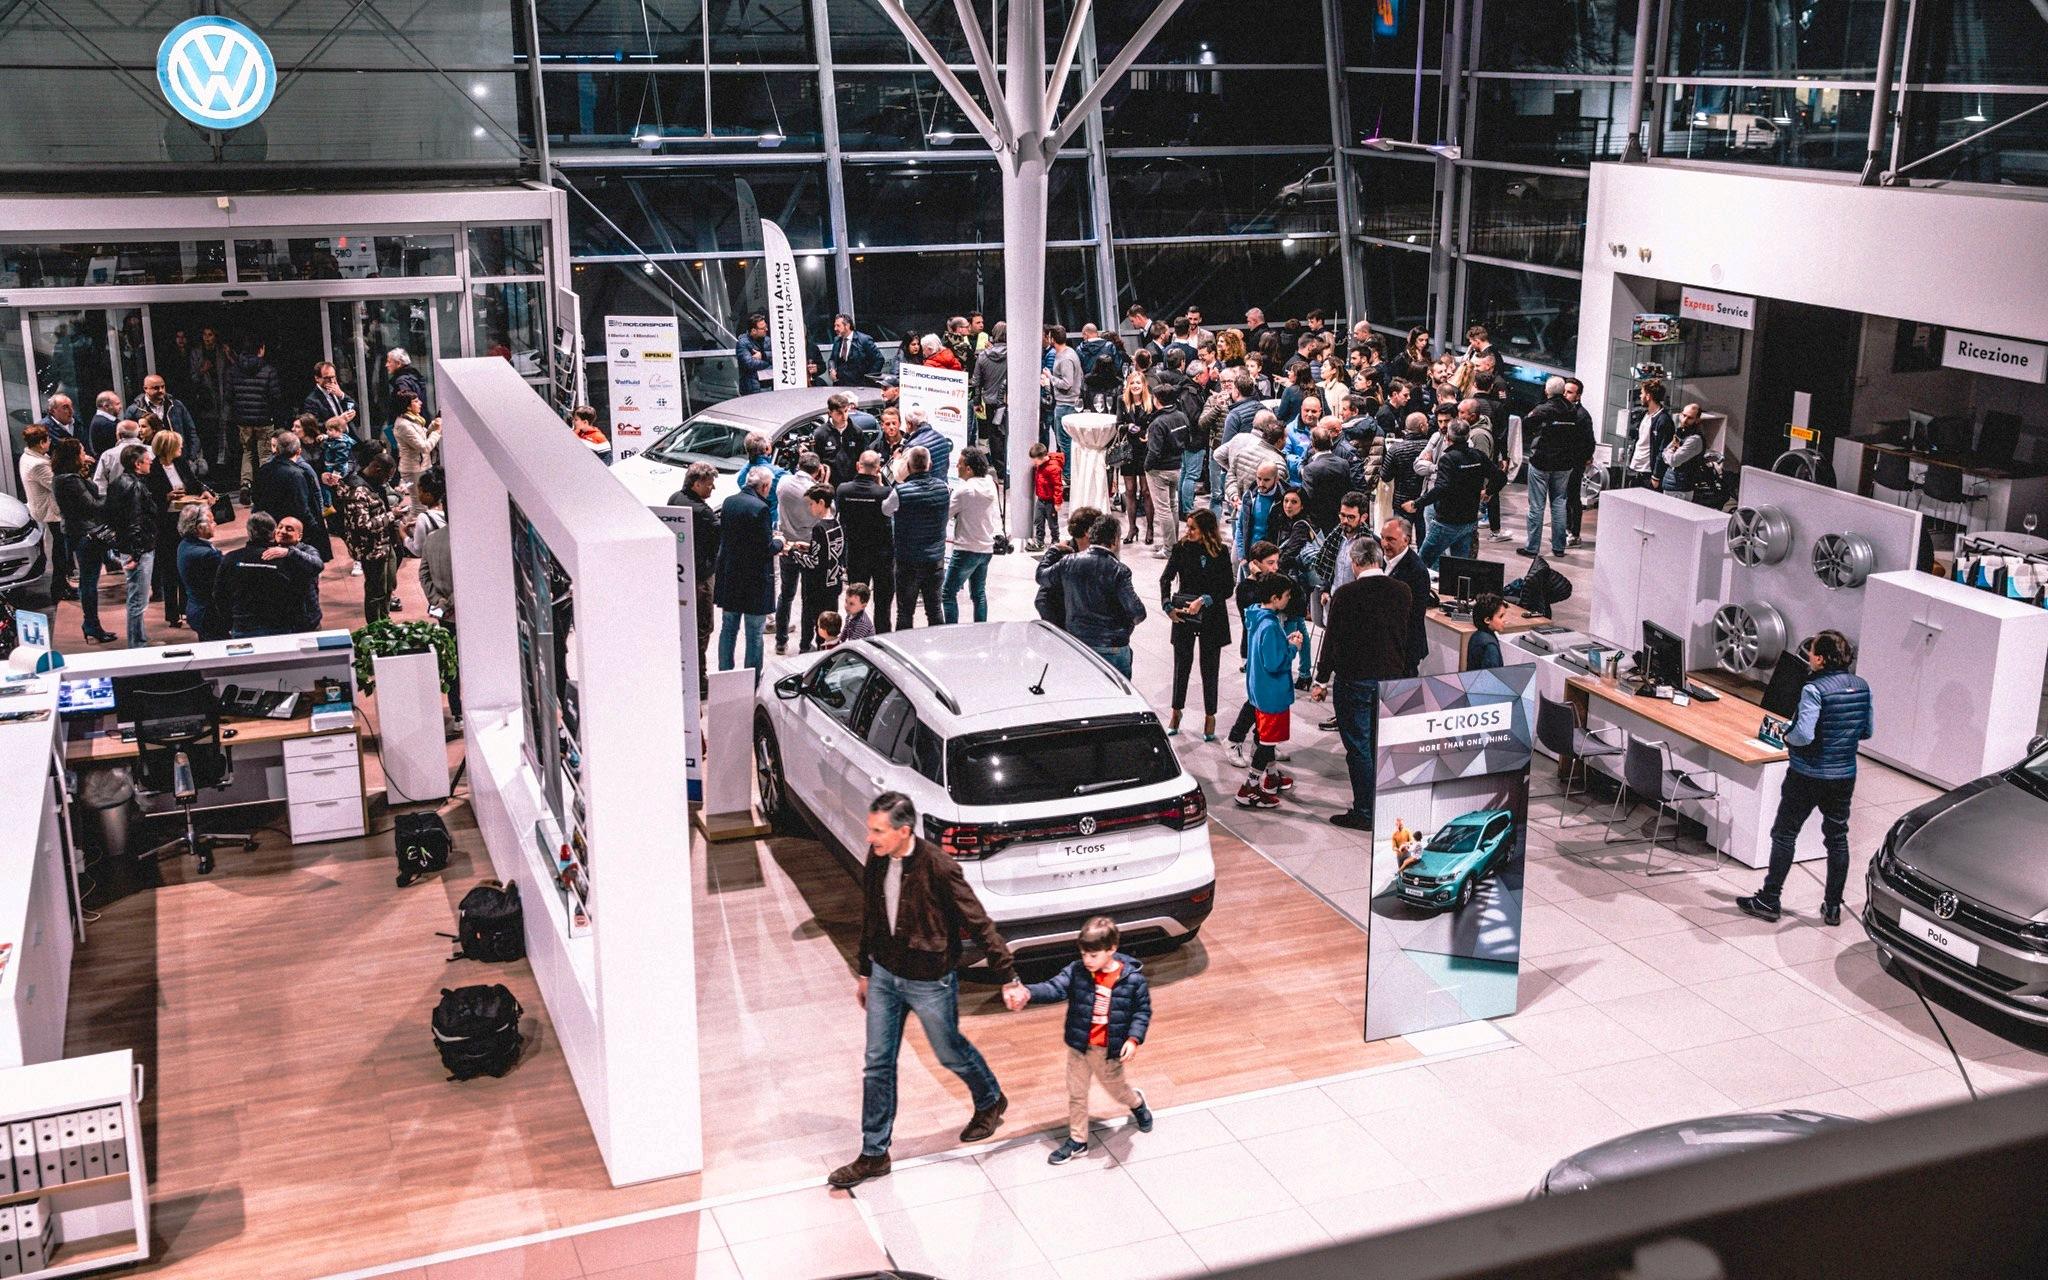 28 marzo 2019 – Con la preview della nuova VW T-Cross ...anche una bella news per gli appassionati di motori bresciani!